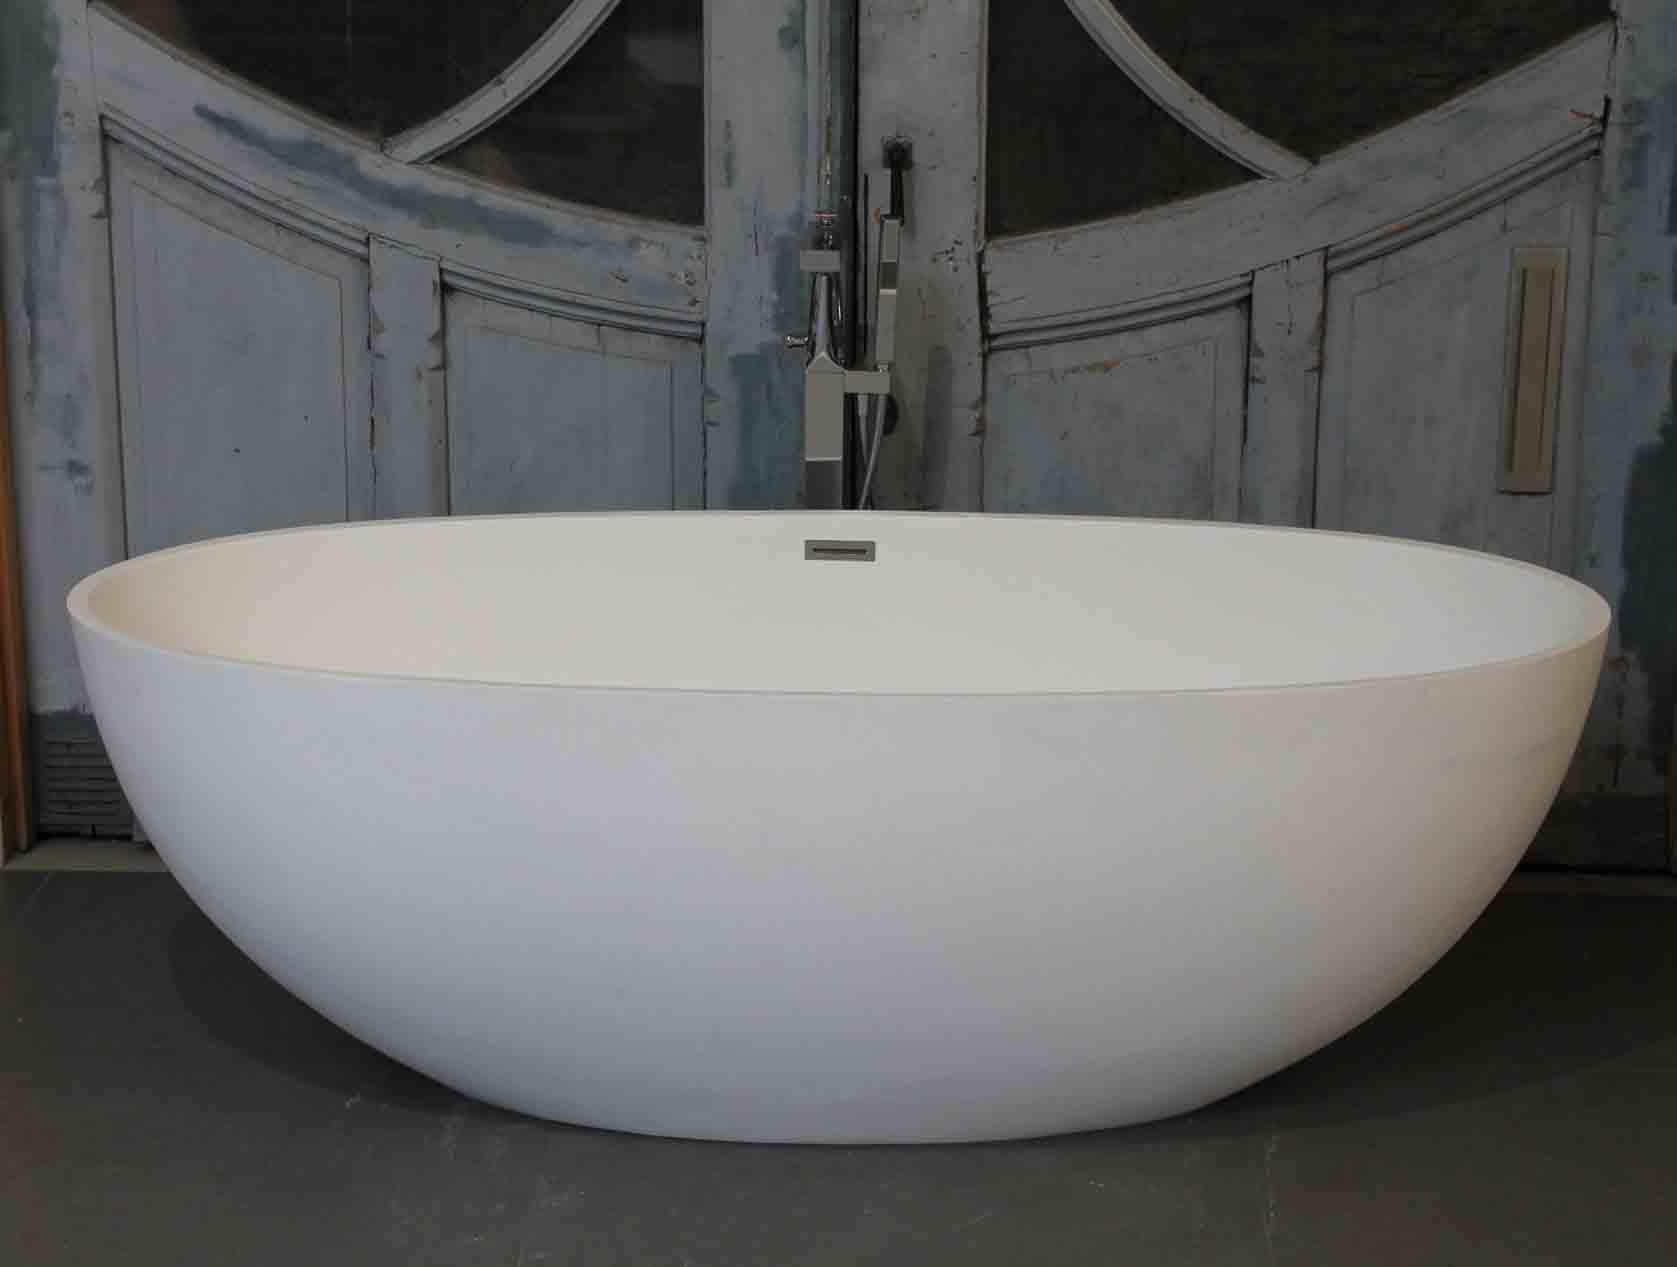 De stijlvolle baden waskommen van de luva serie nieuws startpagina voor badkamer idee n uw - Badkamer meubilair merk italiaans ...